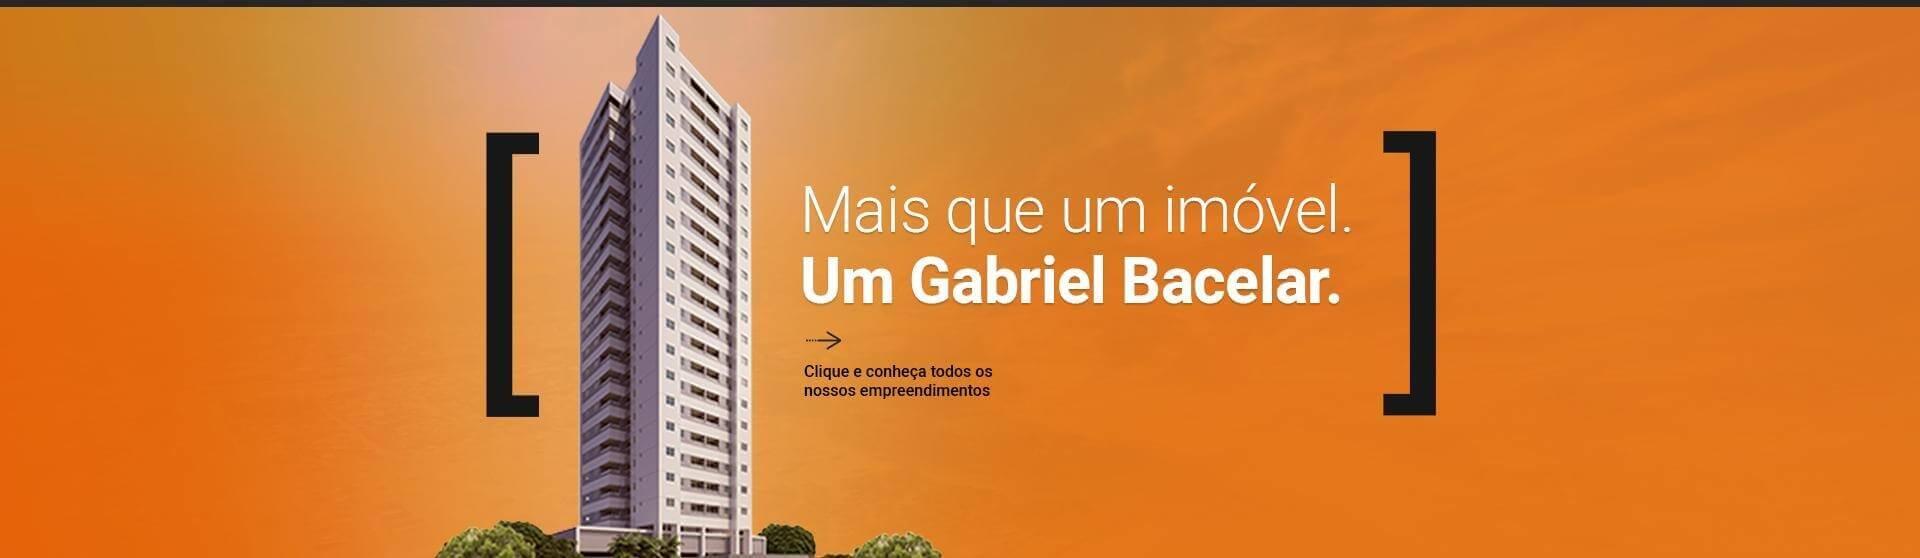 Mais que um imóvel.<br /> Um Gabriel Bacelar.